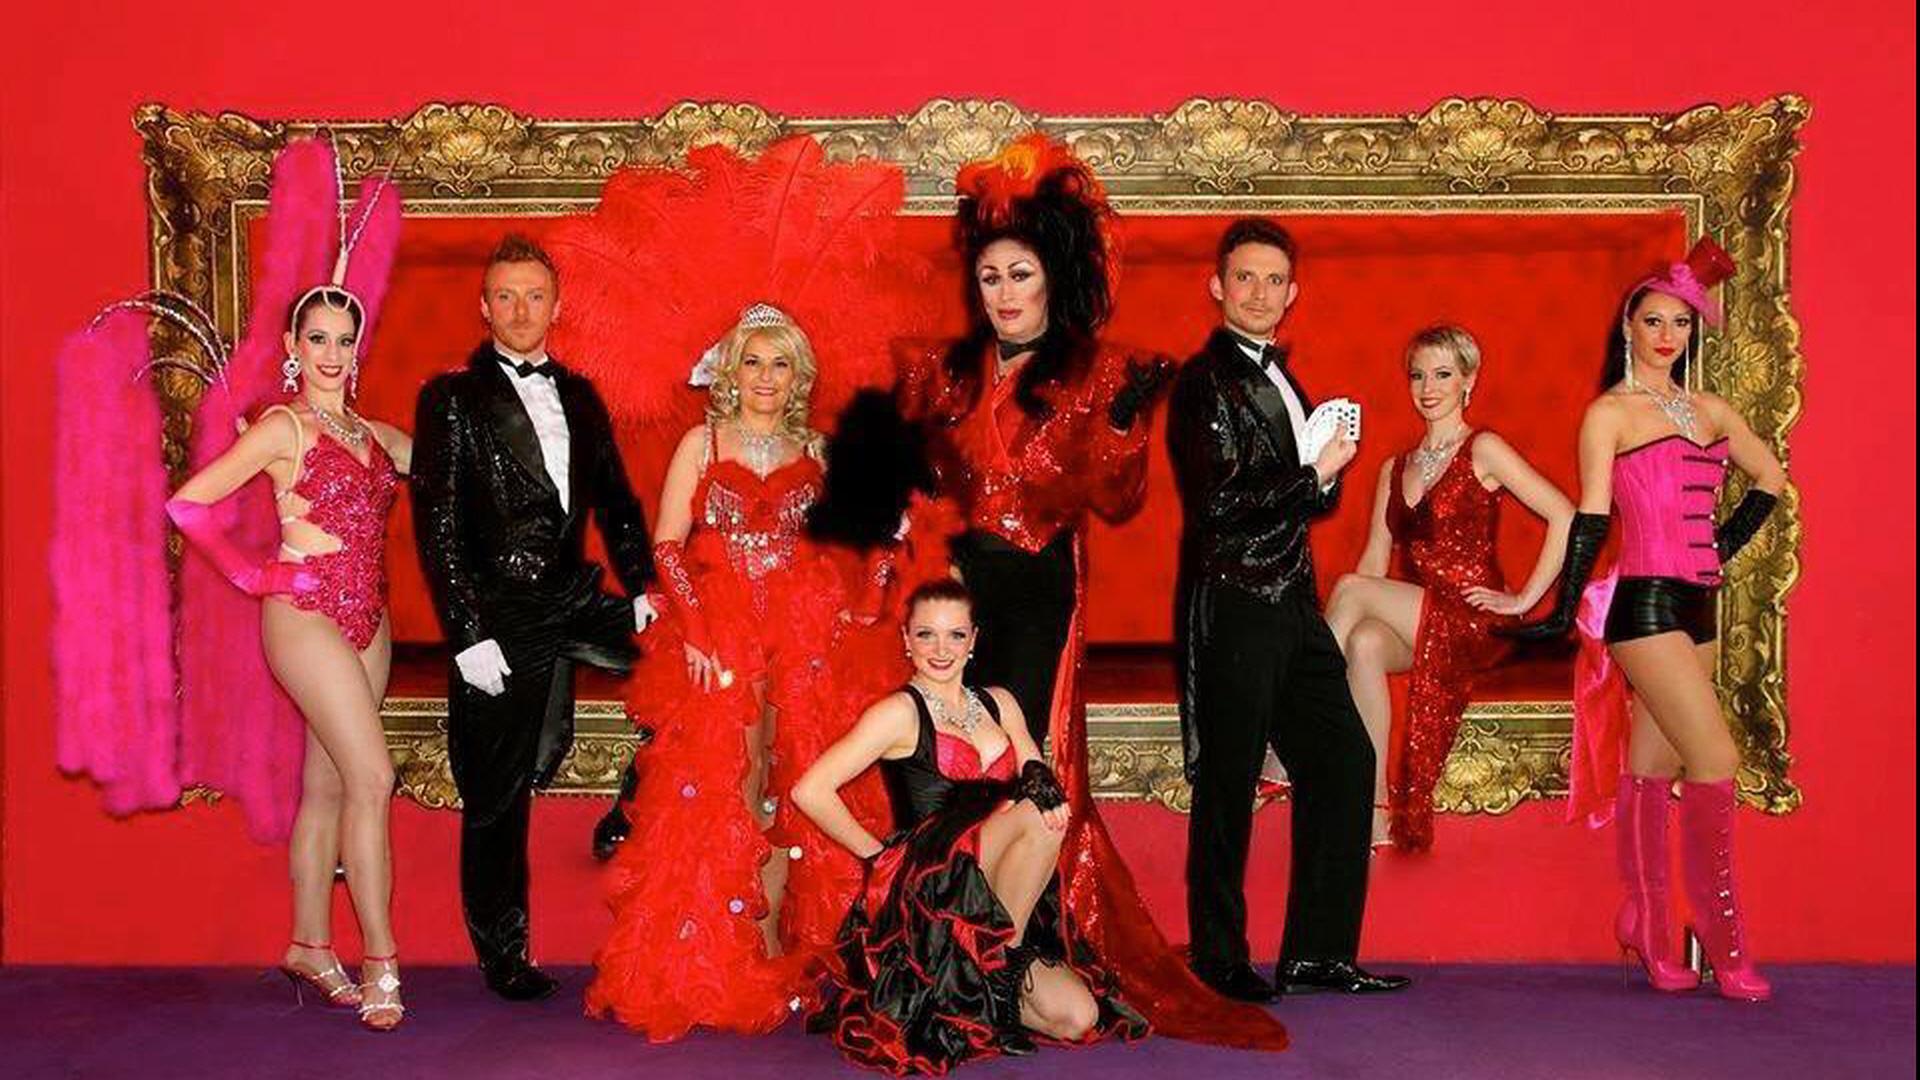 Elise castel troupe cabaret